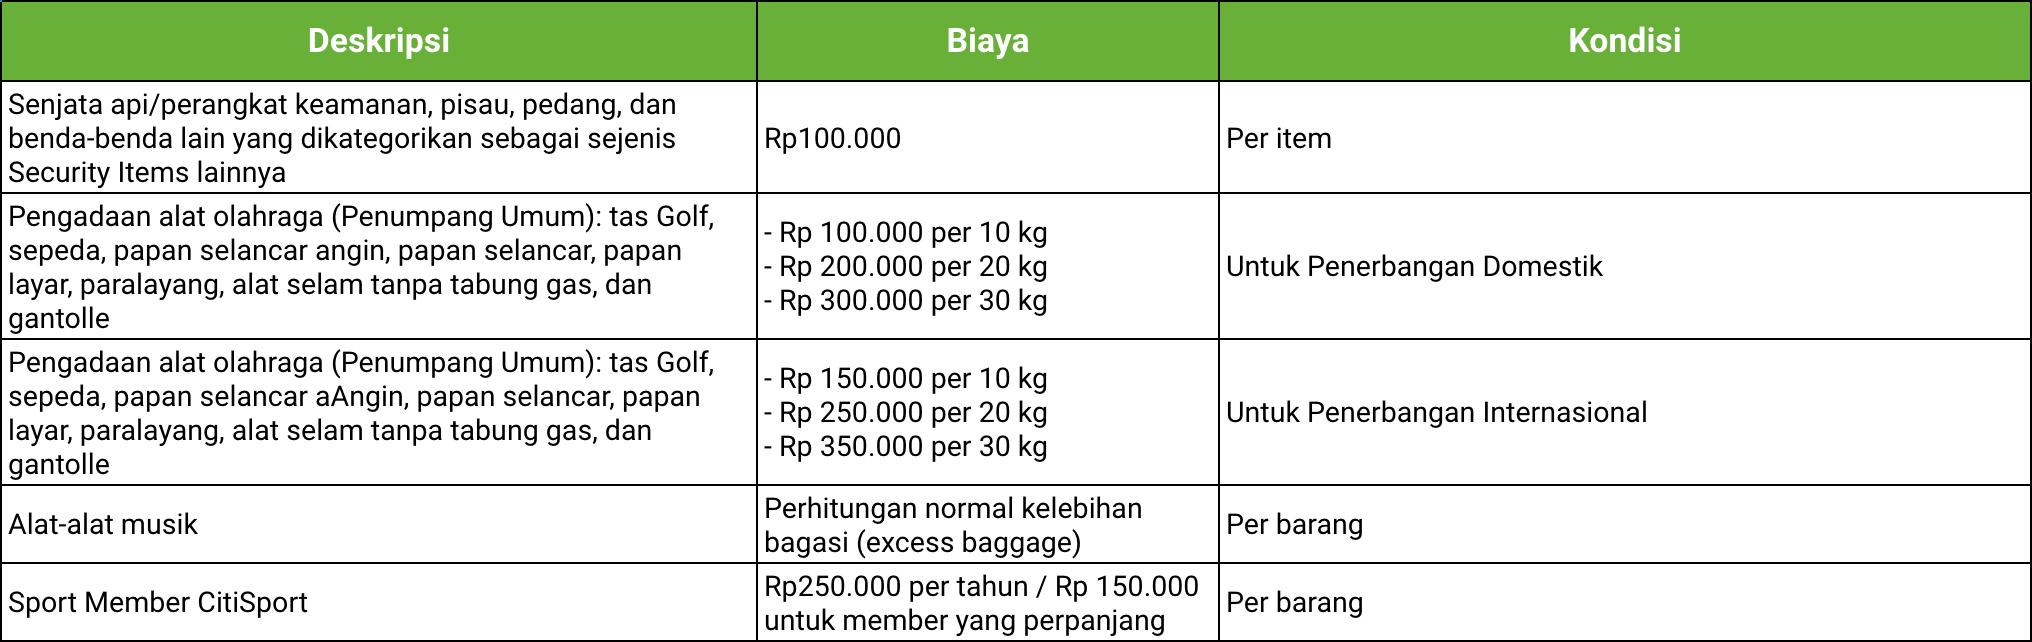 Biaya Bagasi Barang Lain